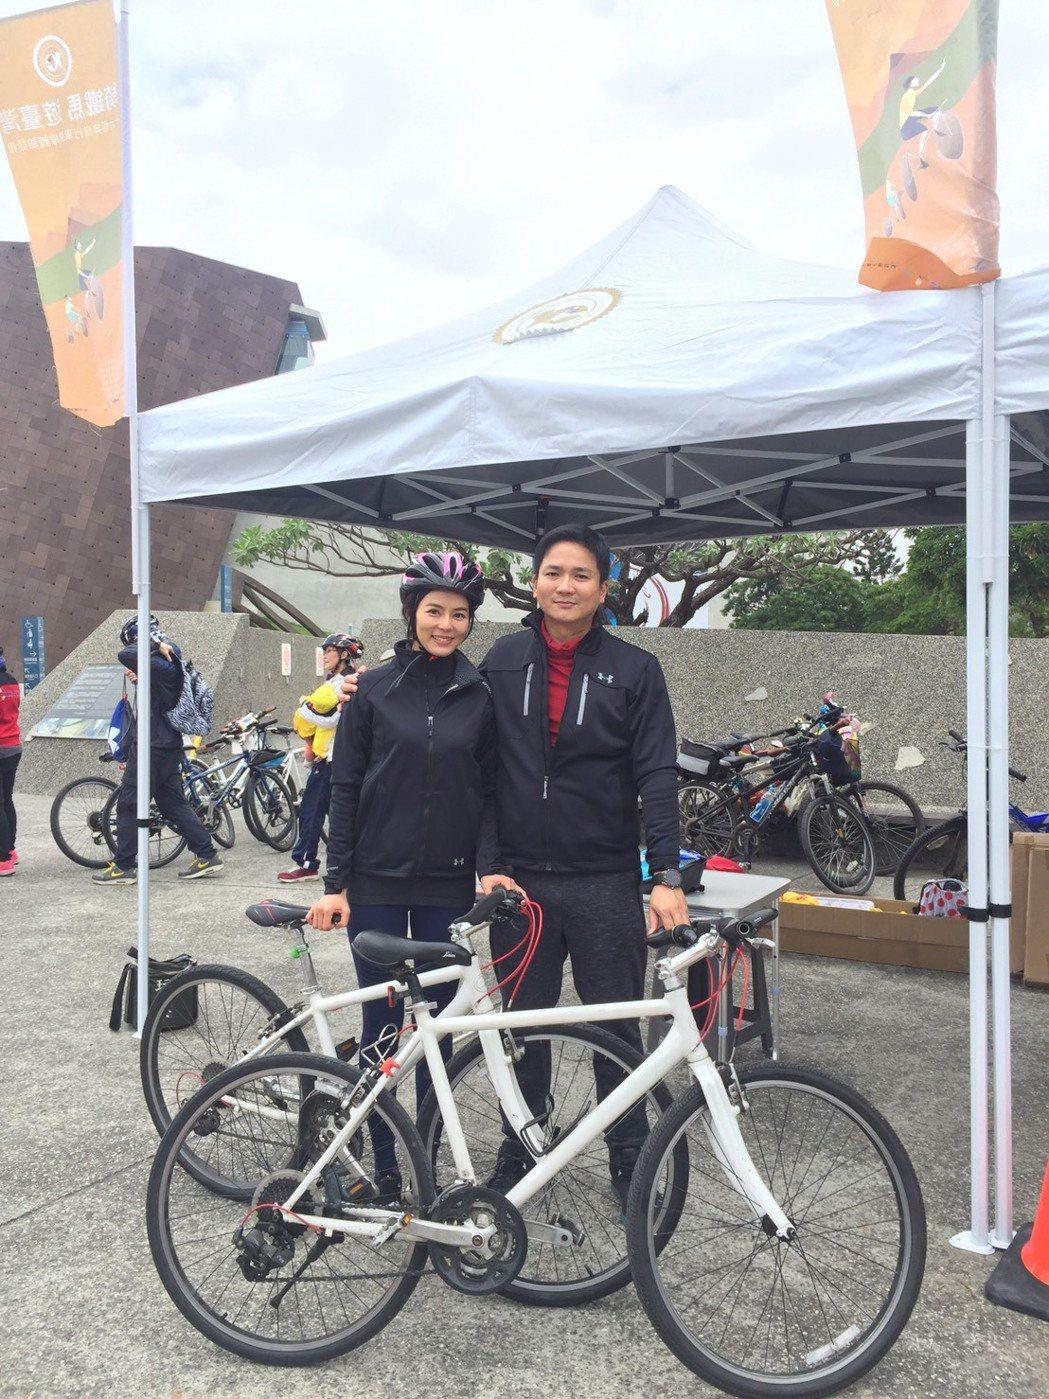 劉香慈和老公Vick  出席「騎鐵馬遊台灣」活動。圖/驊采整合行銷提供